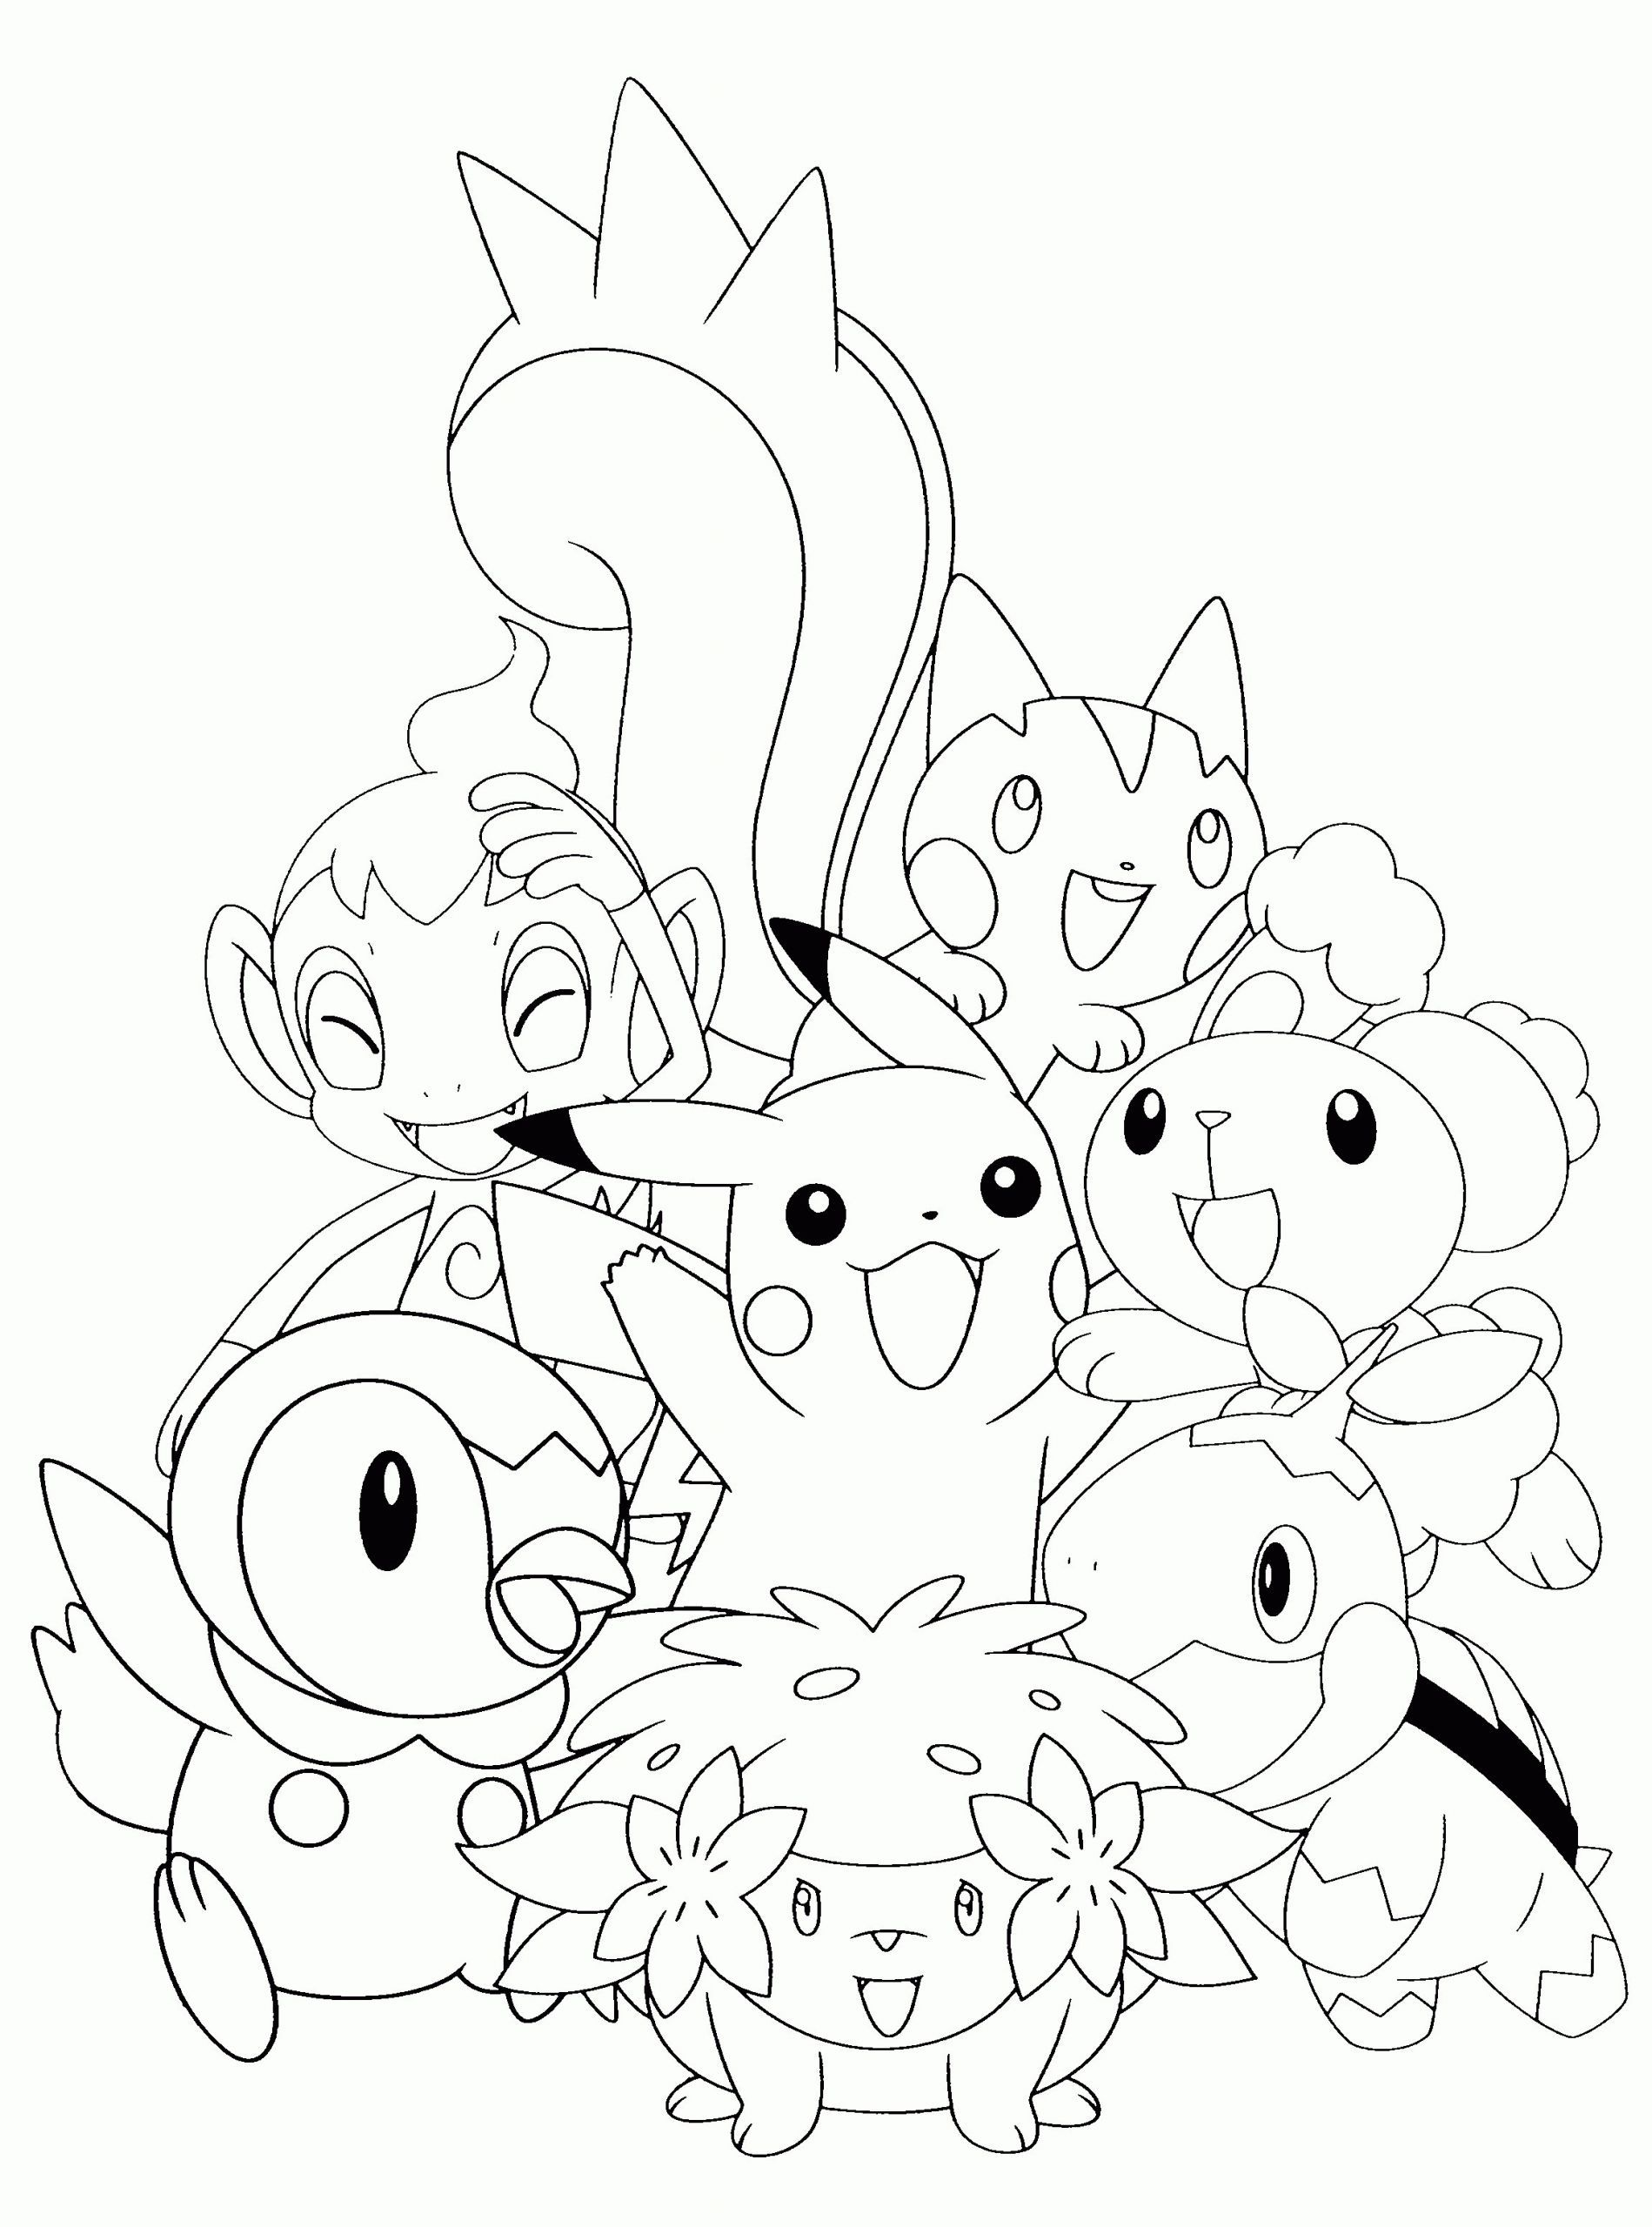 Die Besten Von Druckfertig Ausmalbild Zug Druckfertig Kostenlos Ausmalbilder Ausmalbilder Zum Ausdrucken Pokemon Malvorlagen